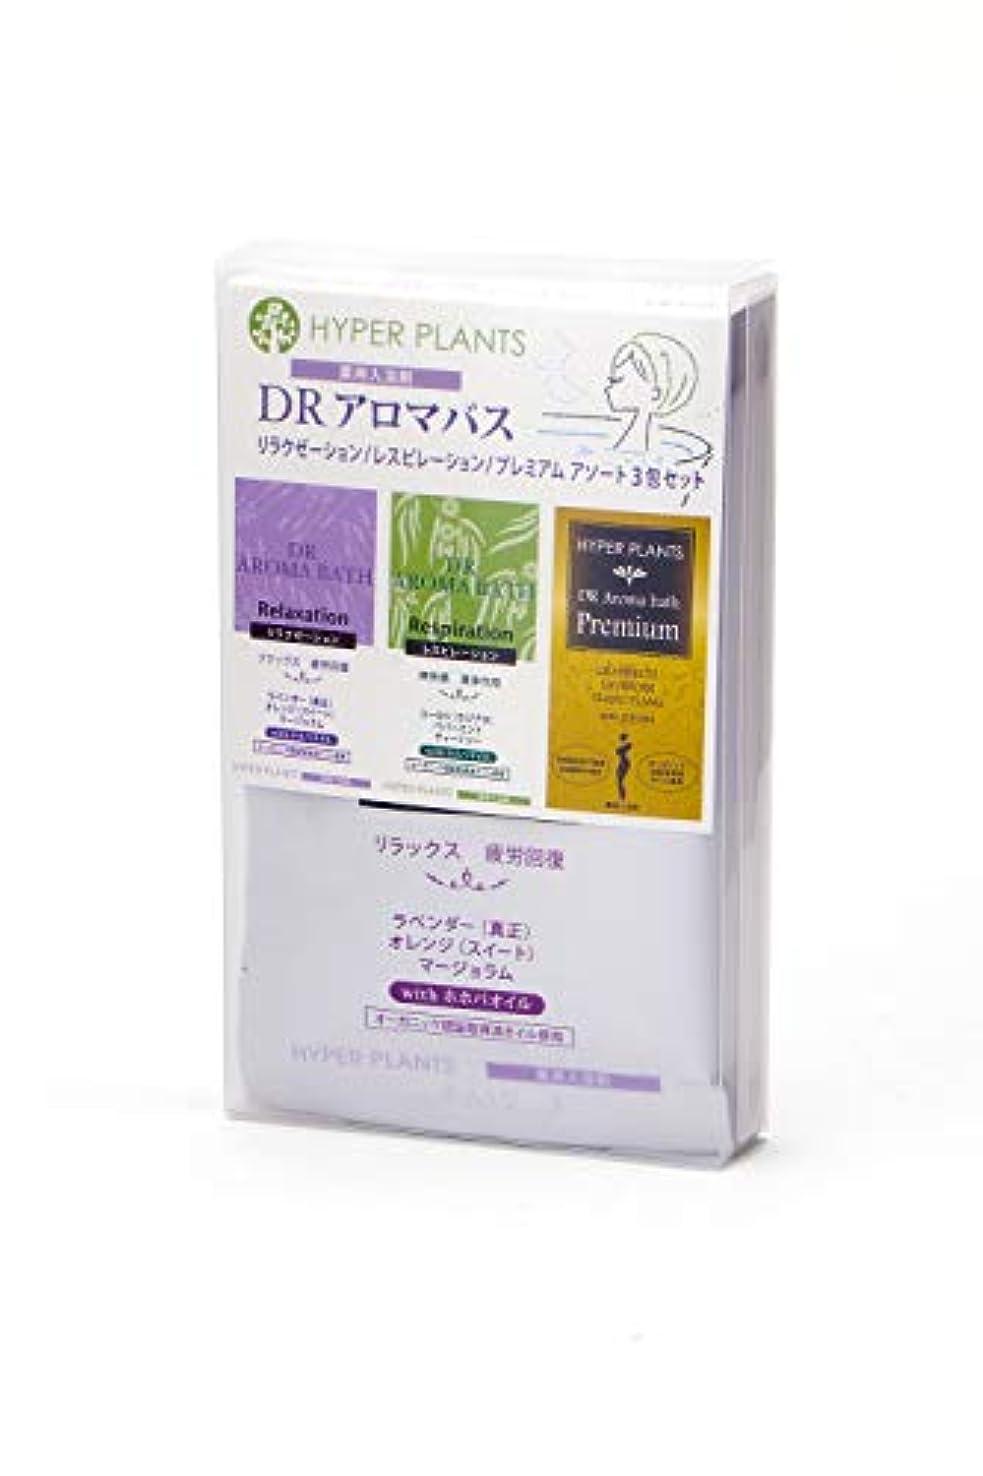 常習的非互換変数医薬部外品 薬用入浴剤 ハイパープランツ DRアロマバス (リラクゼーション、レスピレーション、プレミアム) アソート3包セット